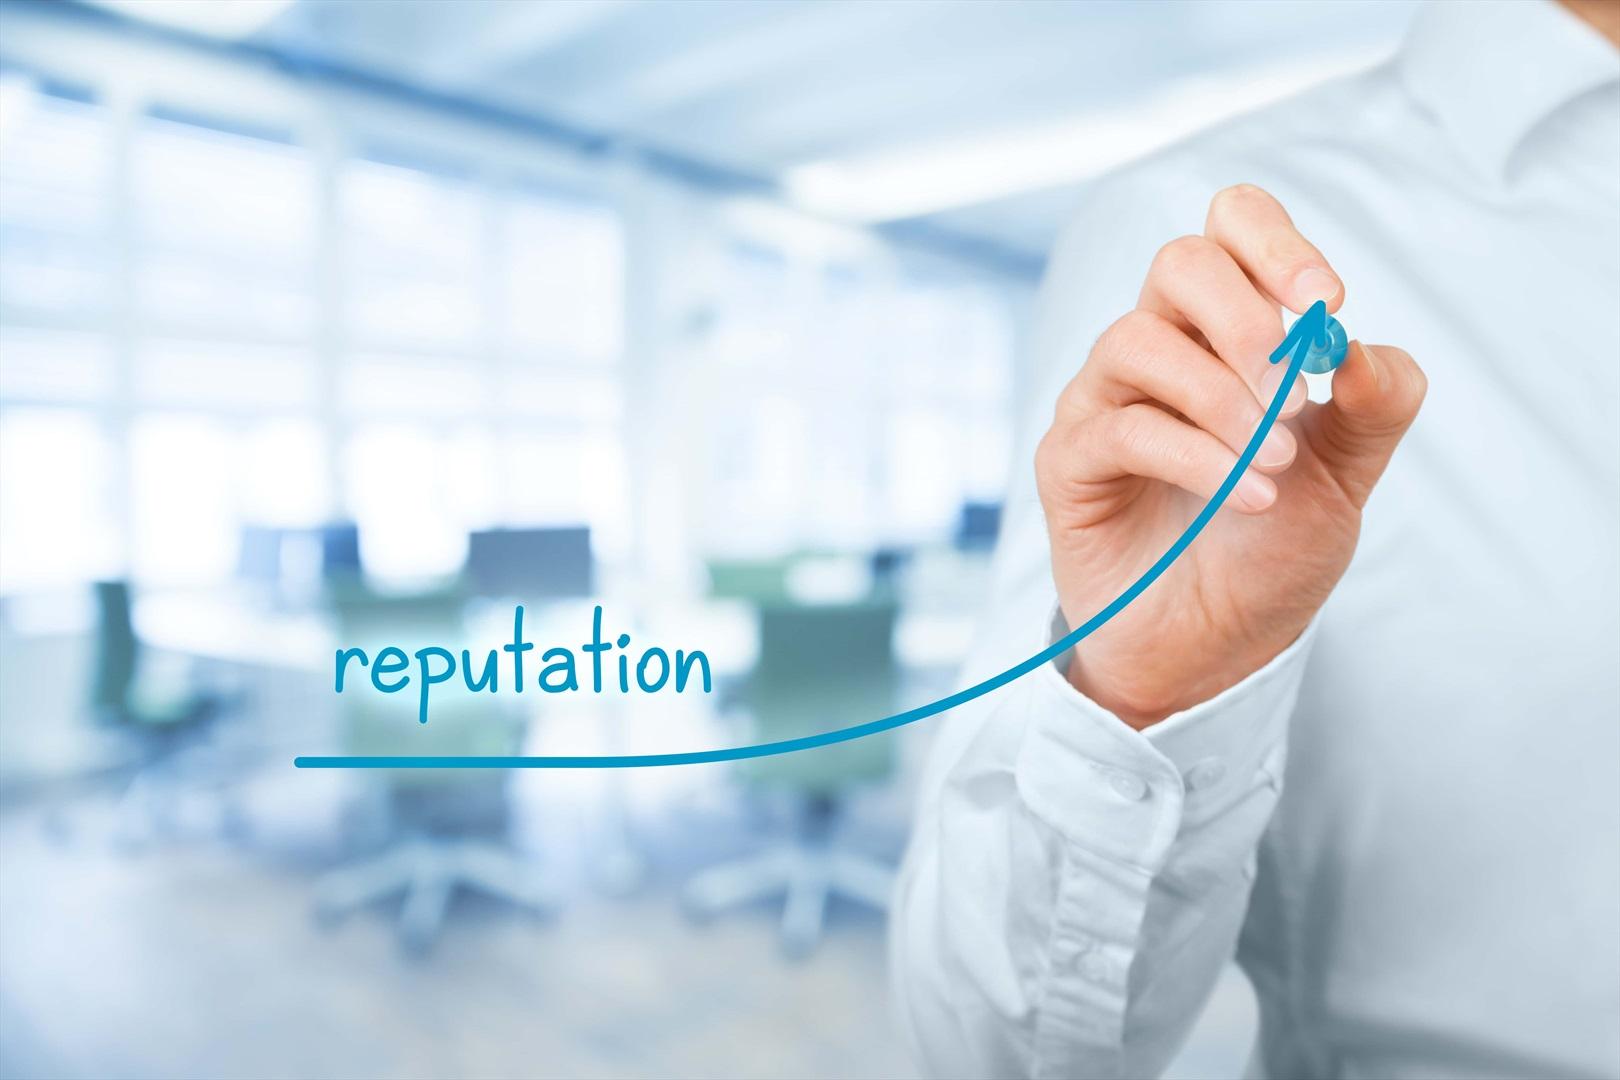 Brand reputation: la classifica delle societa' più rispettate del 2021